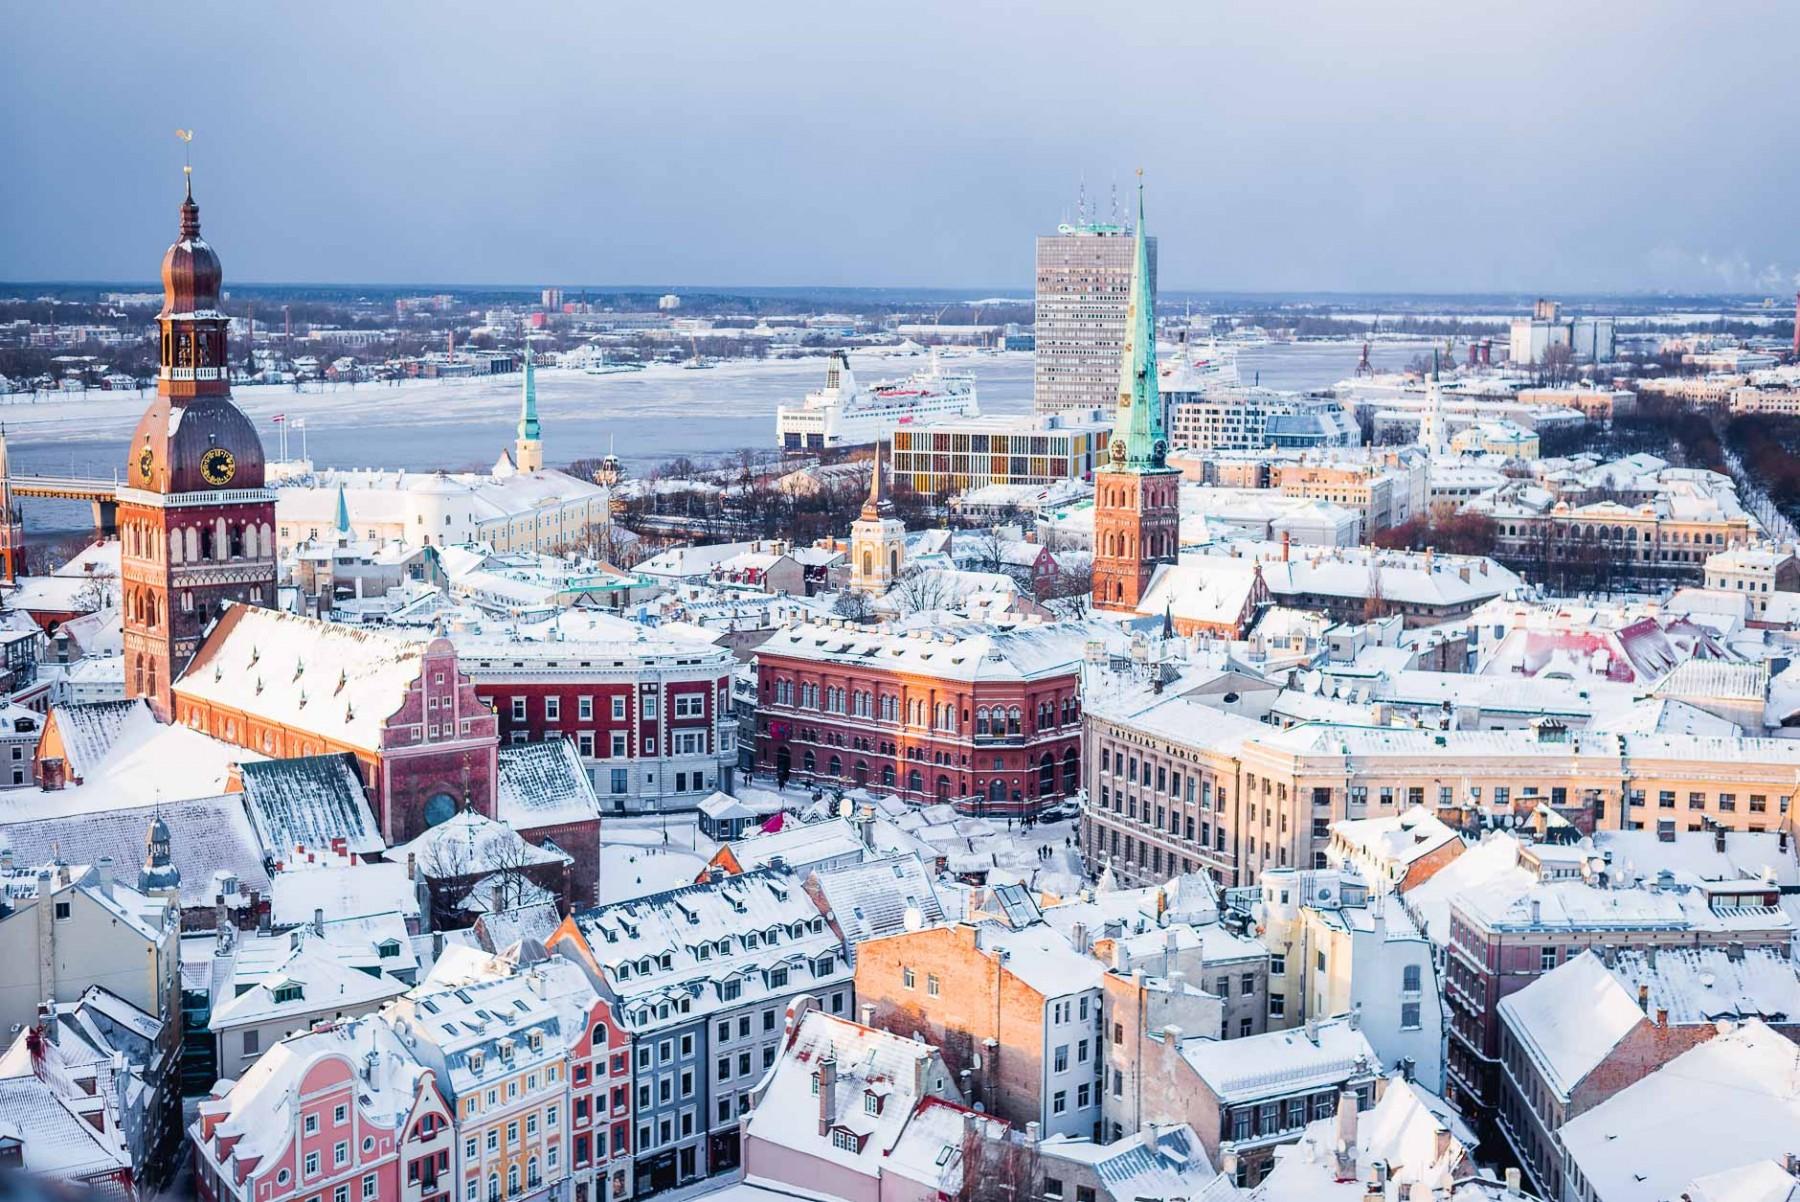 Vista di Riga dall'alto in inverno